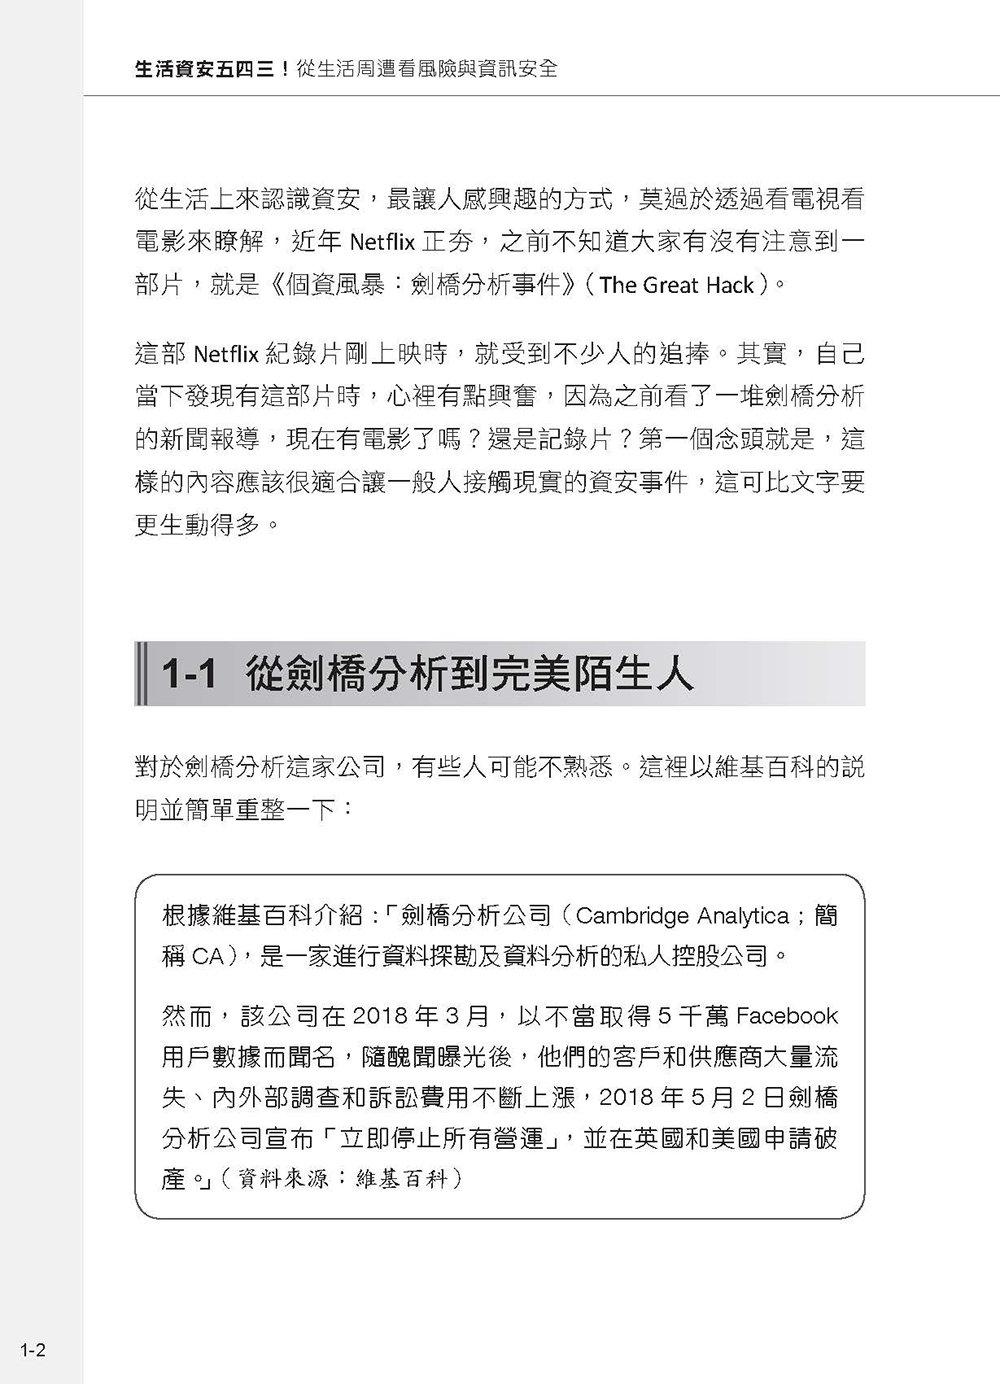 生活資安五四三!:從生活周遭看風險與資訊安全 (iT邦幫忙鐵人賽系列書)-preview-3